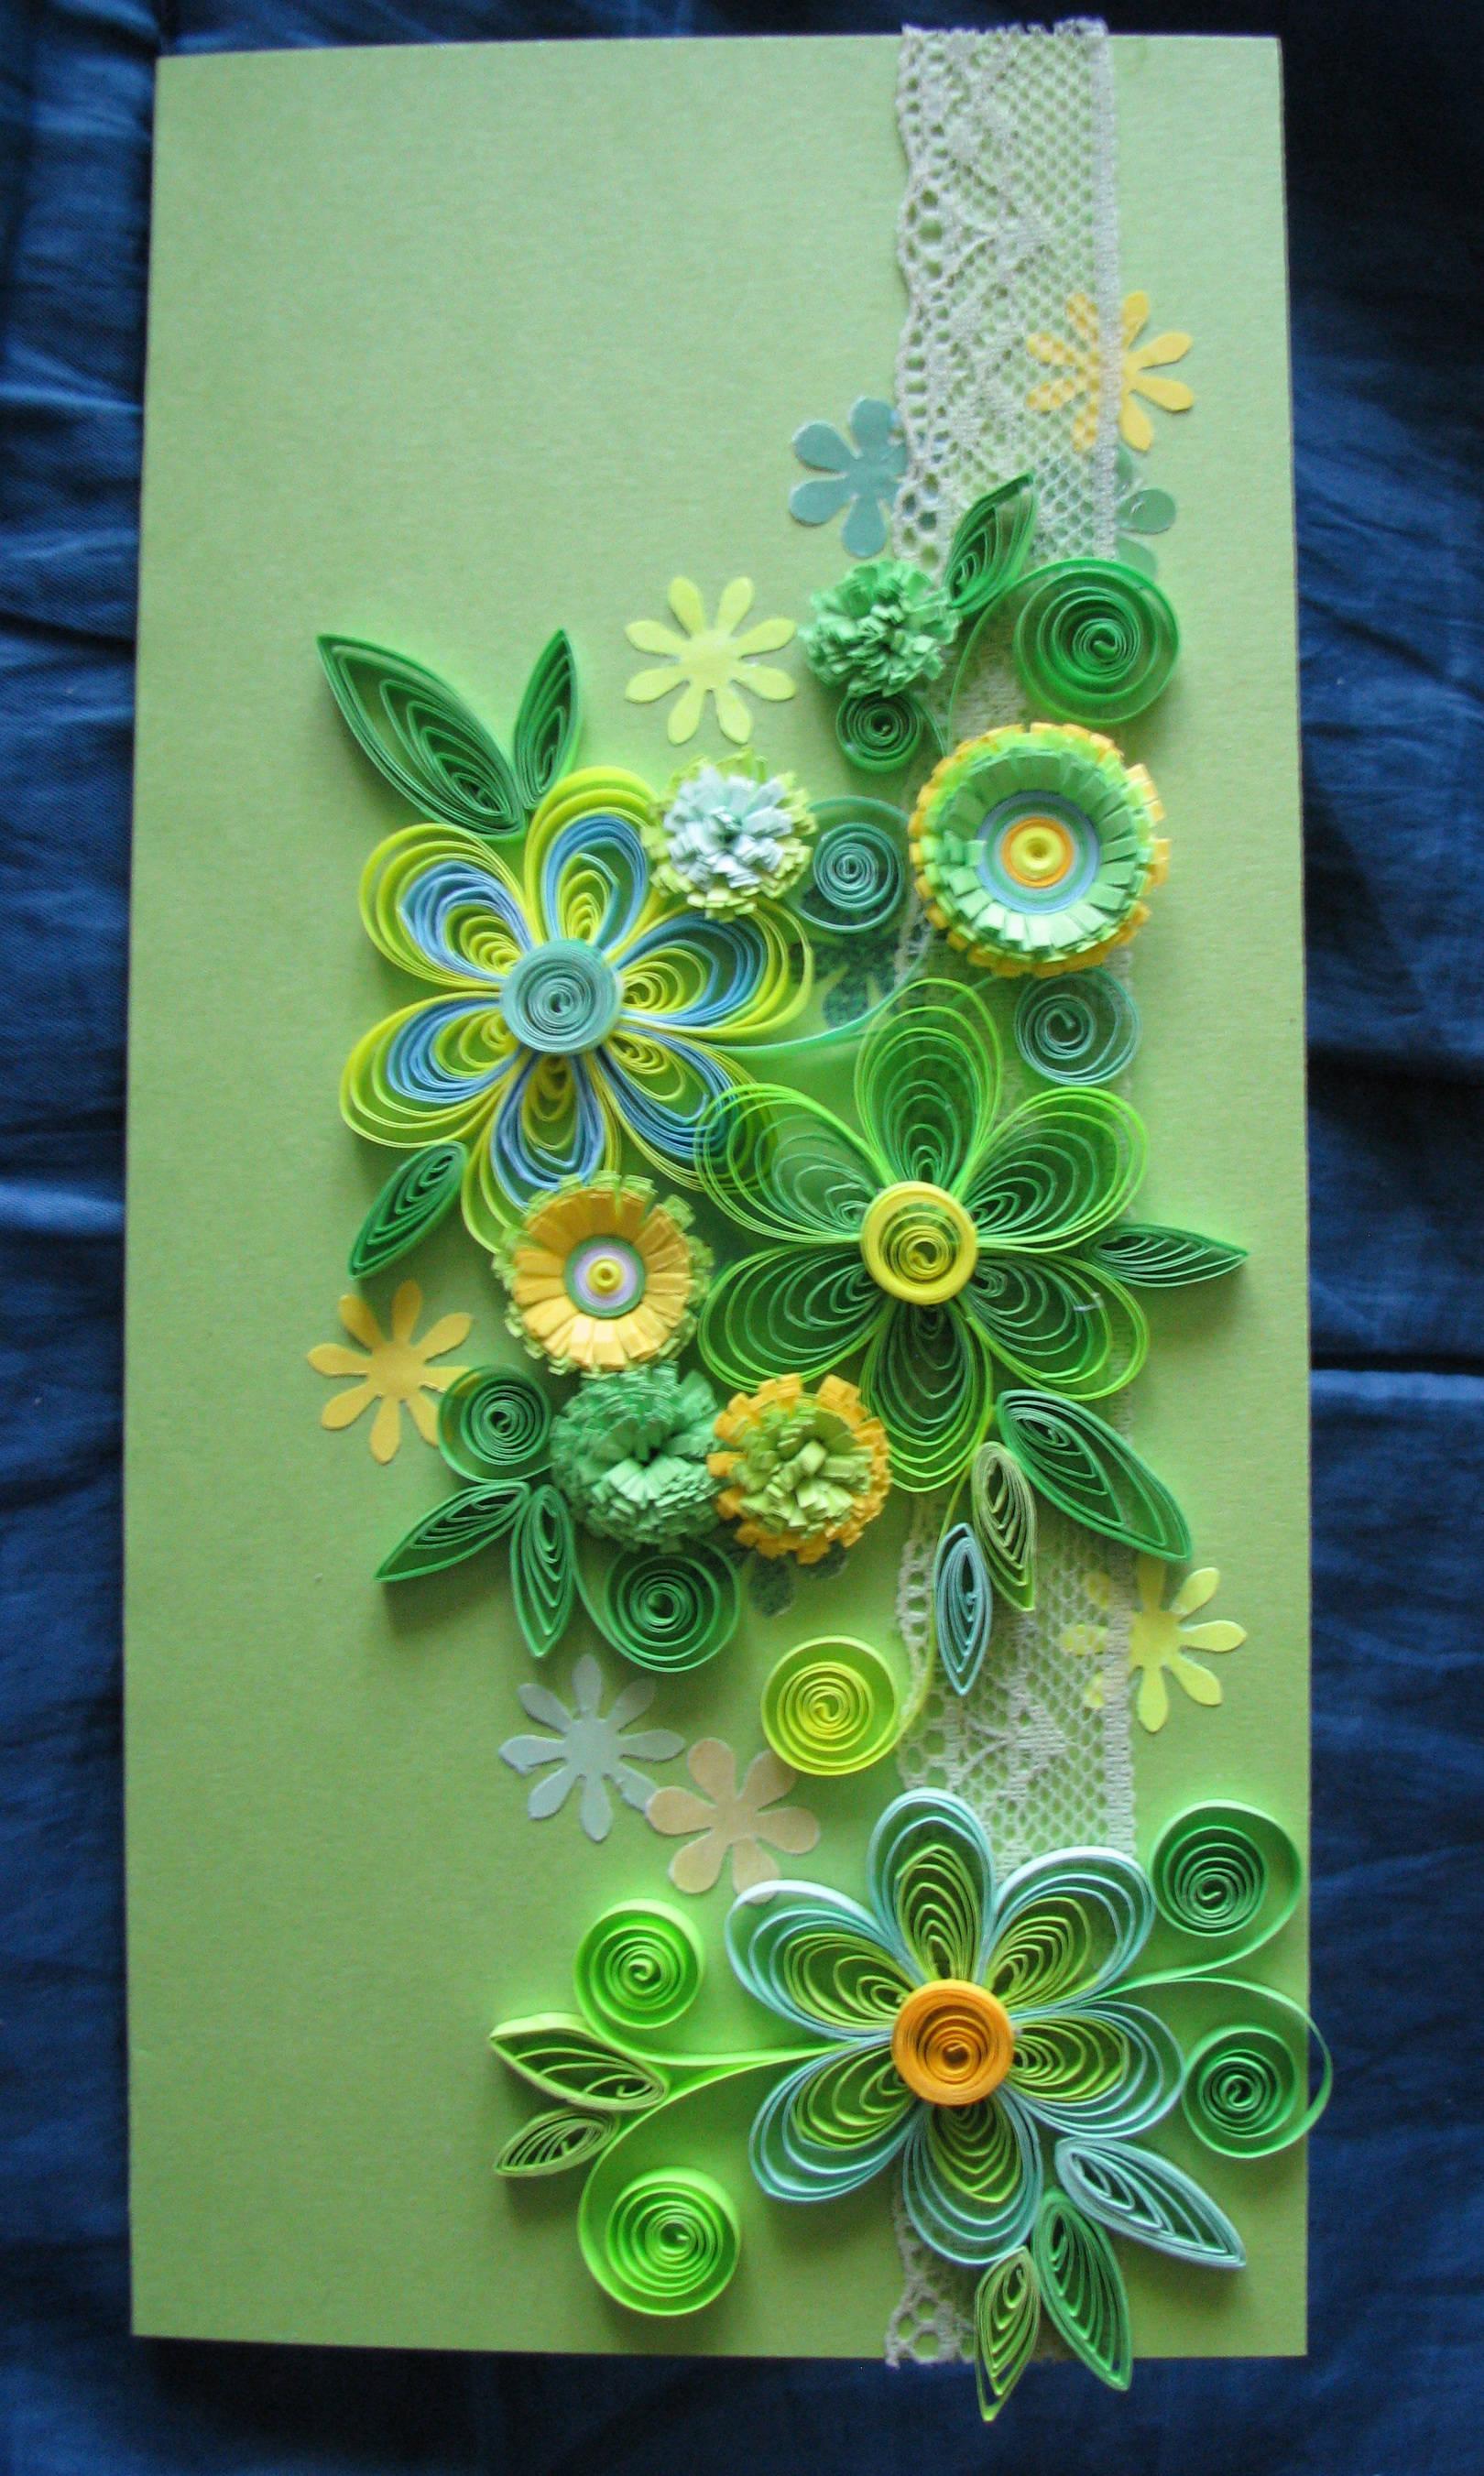 Квиллинг, оригами, роспись миниатюр. Все своими руками.